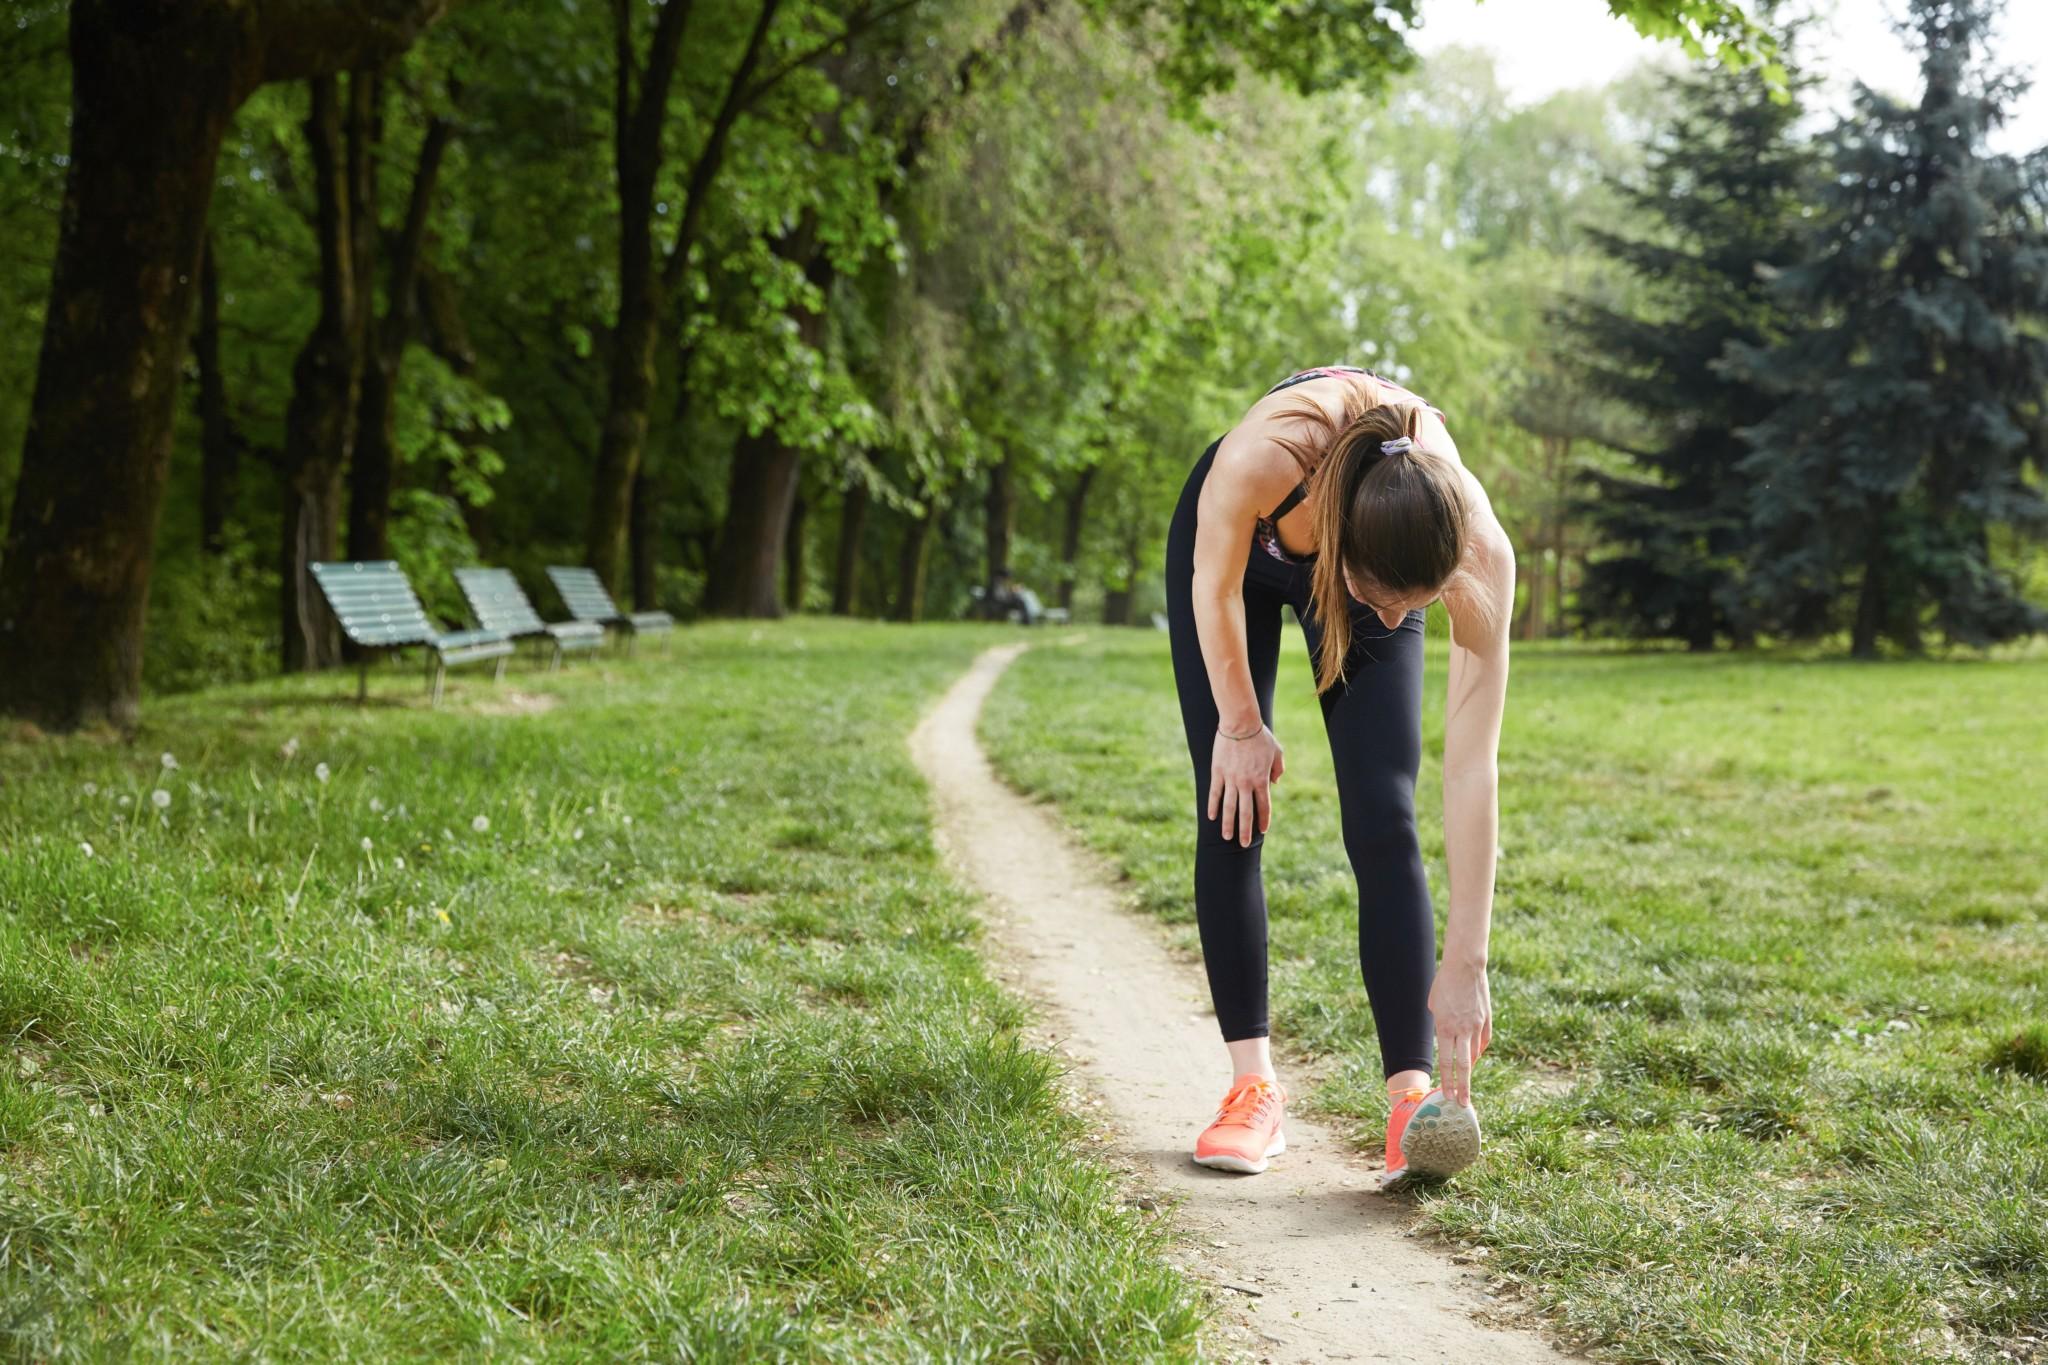 Le stretching postural pour améliorer votre souplesse ?